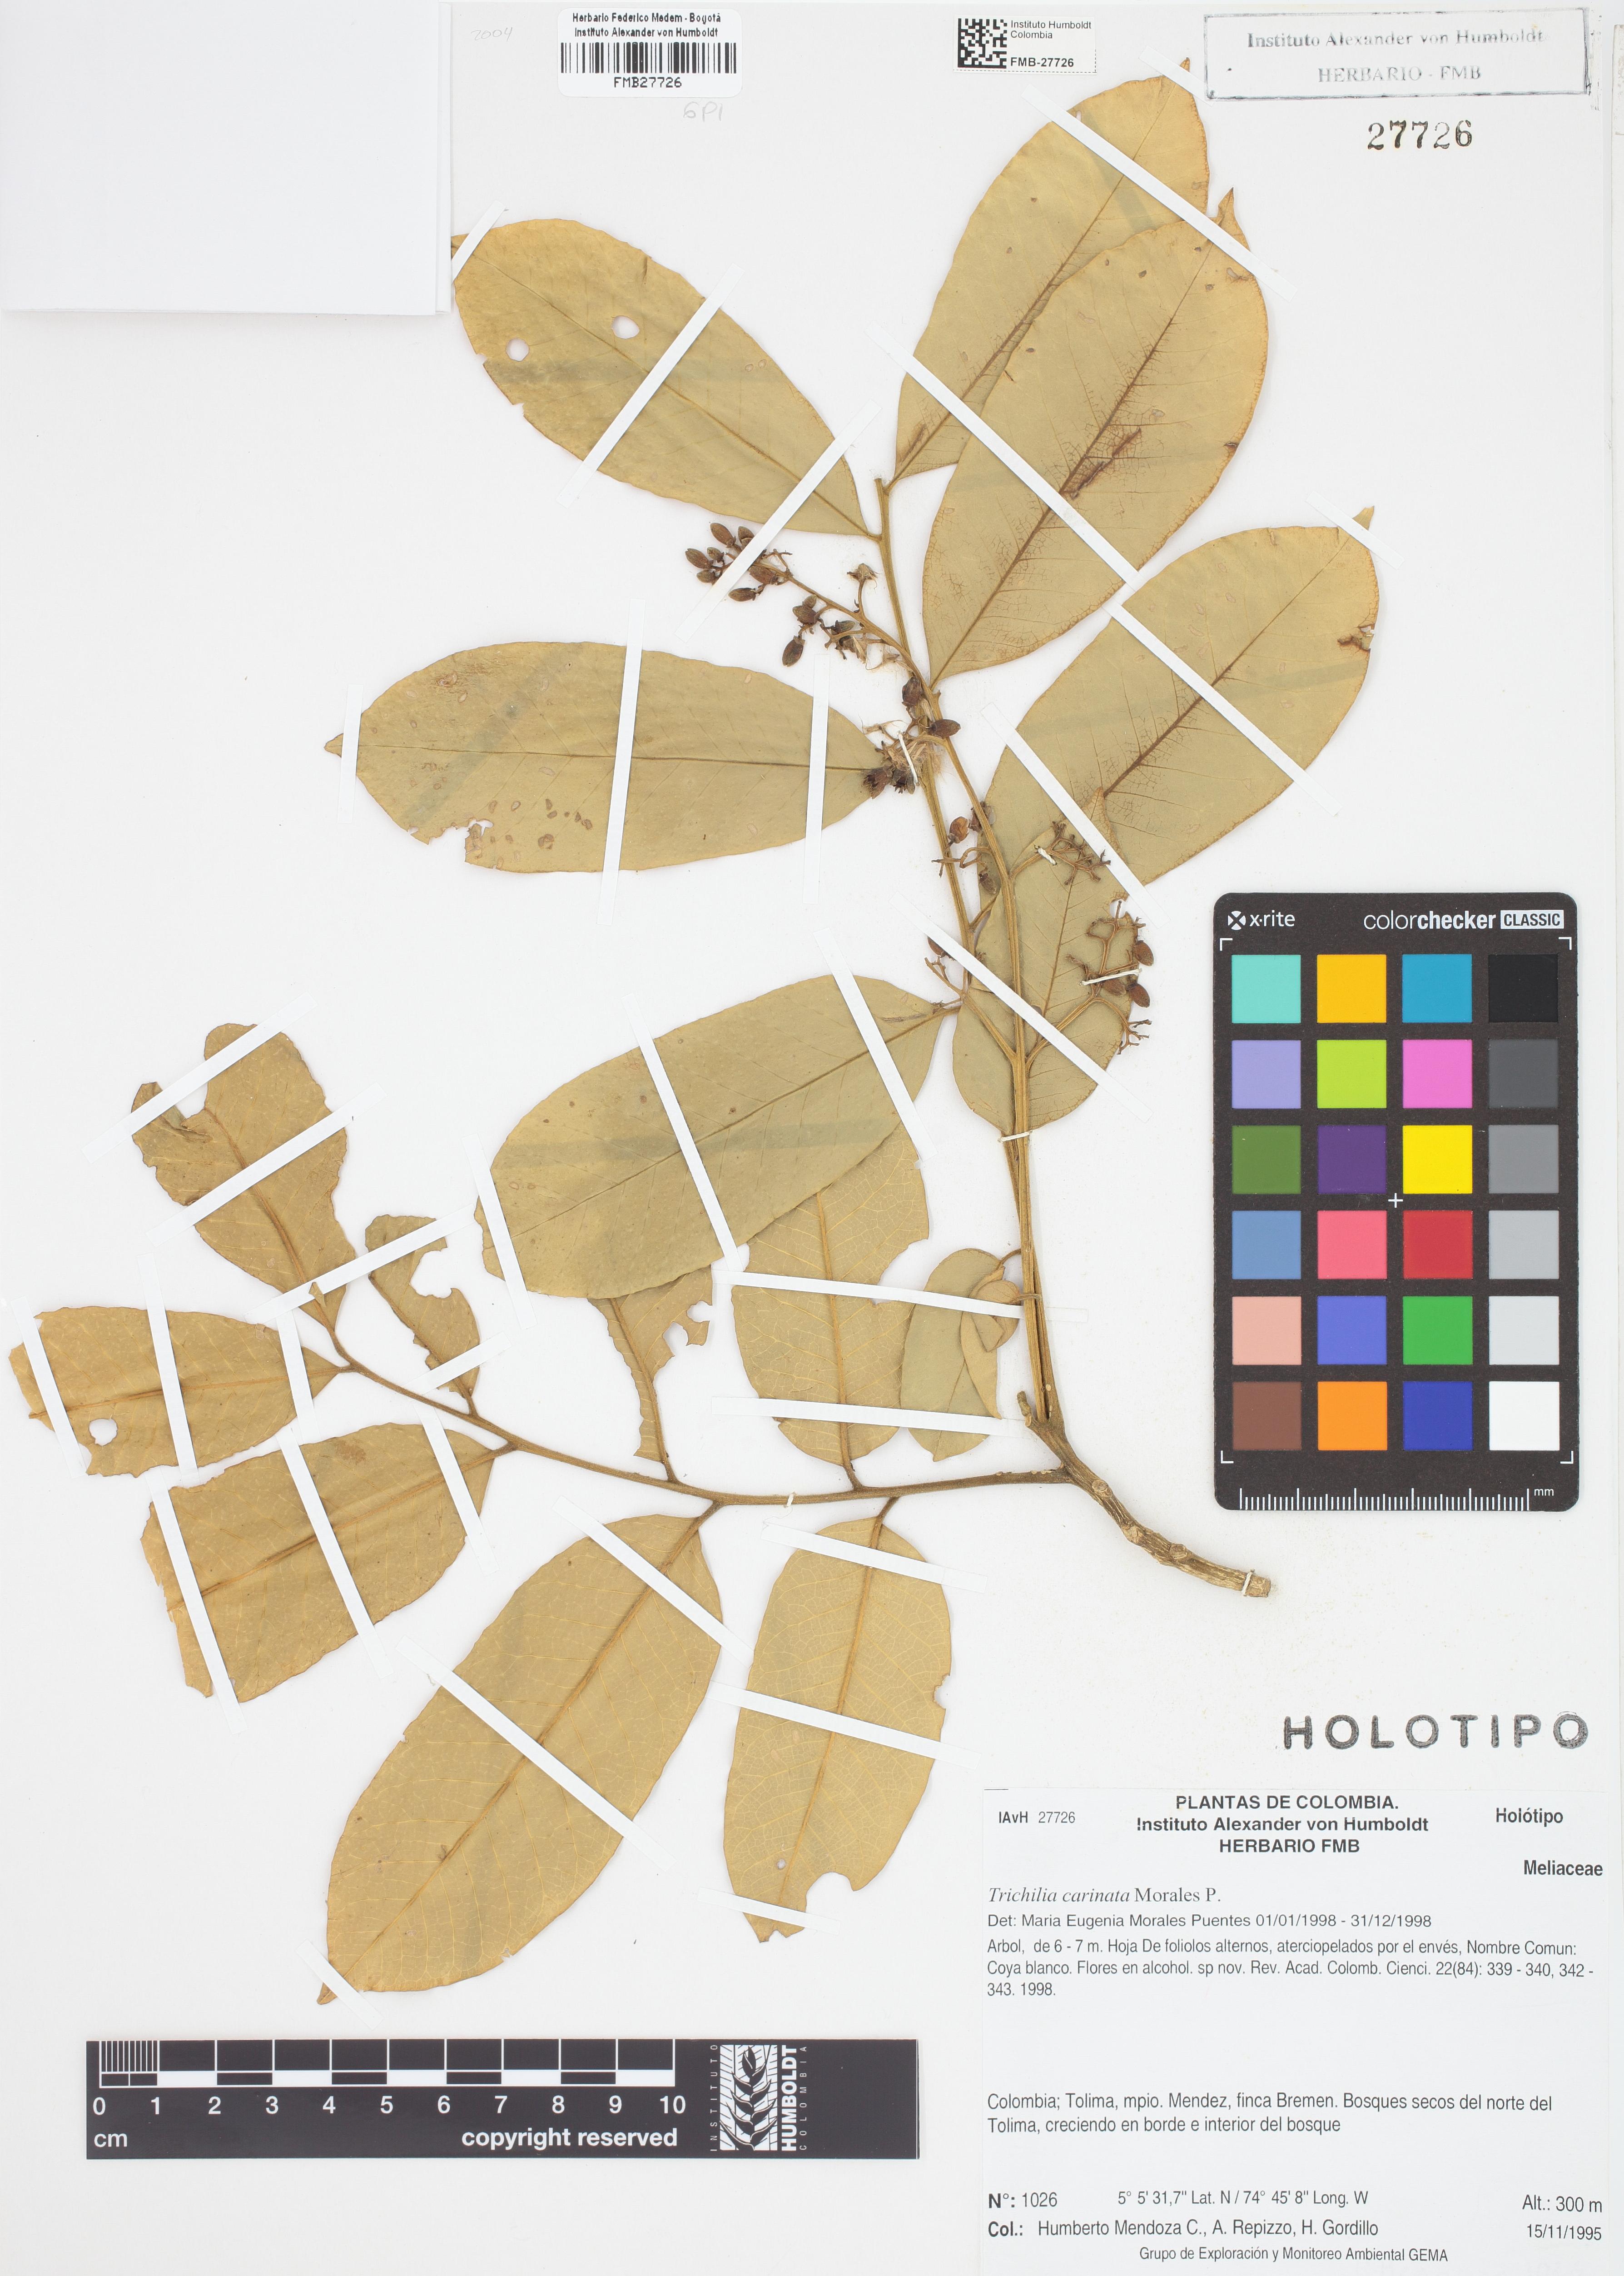 Holotipo de <em>Trichilia carinata</em>, FMB-27726, Fotografía por Robles A.